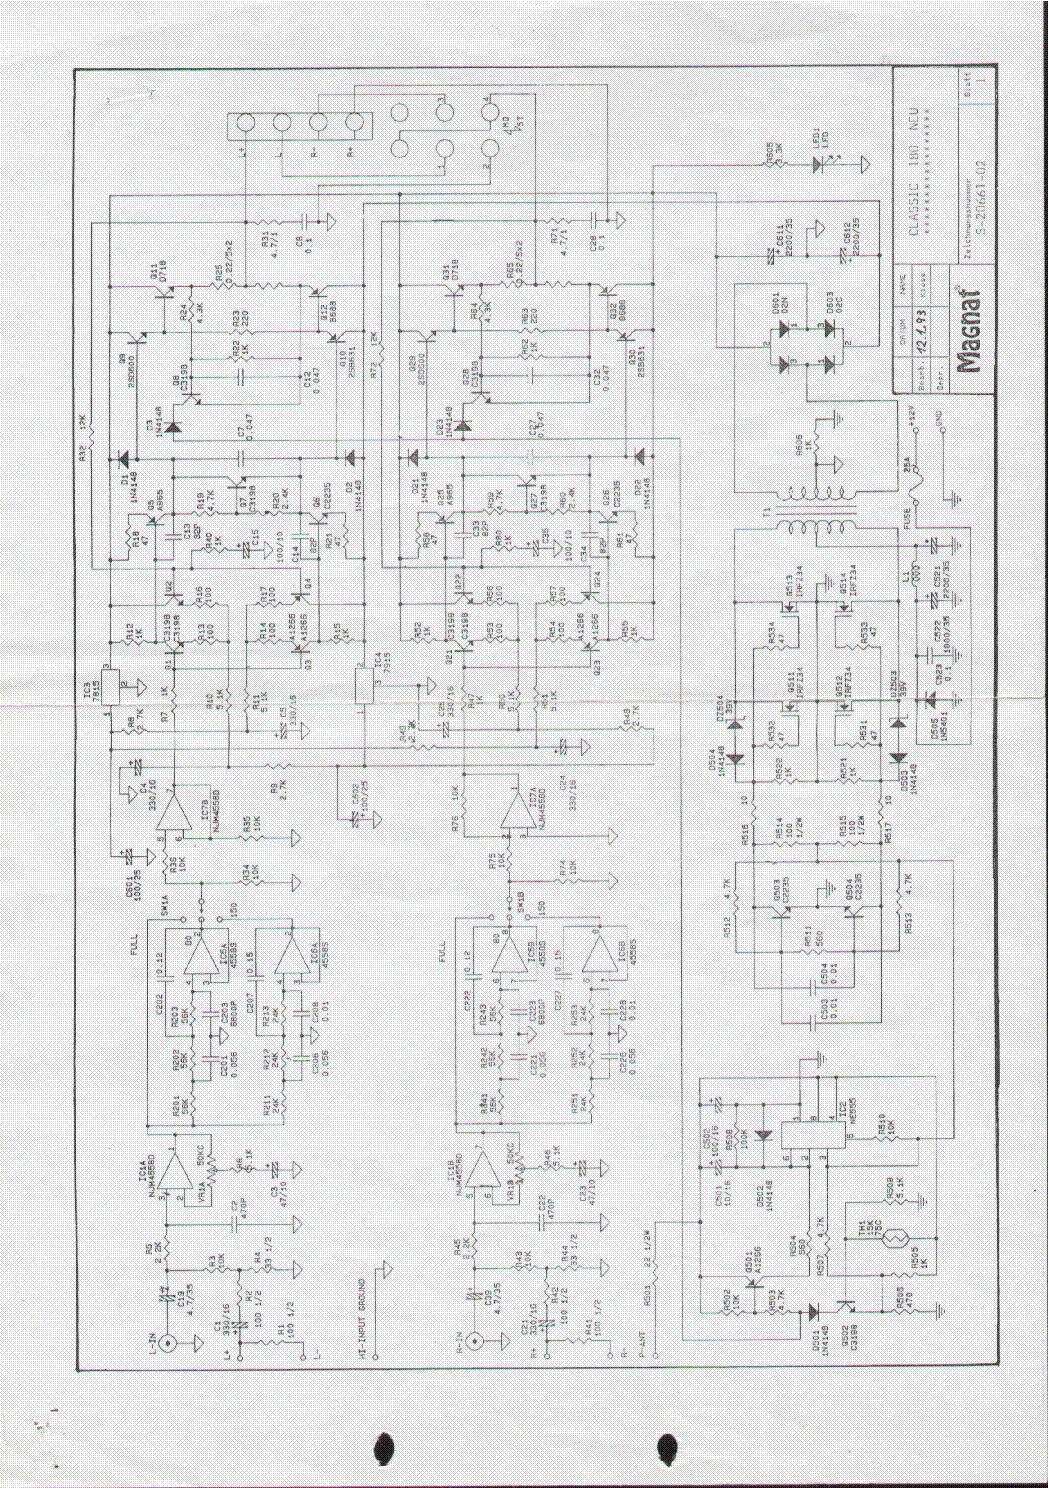 magnat classic 180 service manual download  schematics